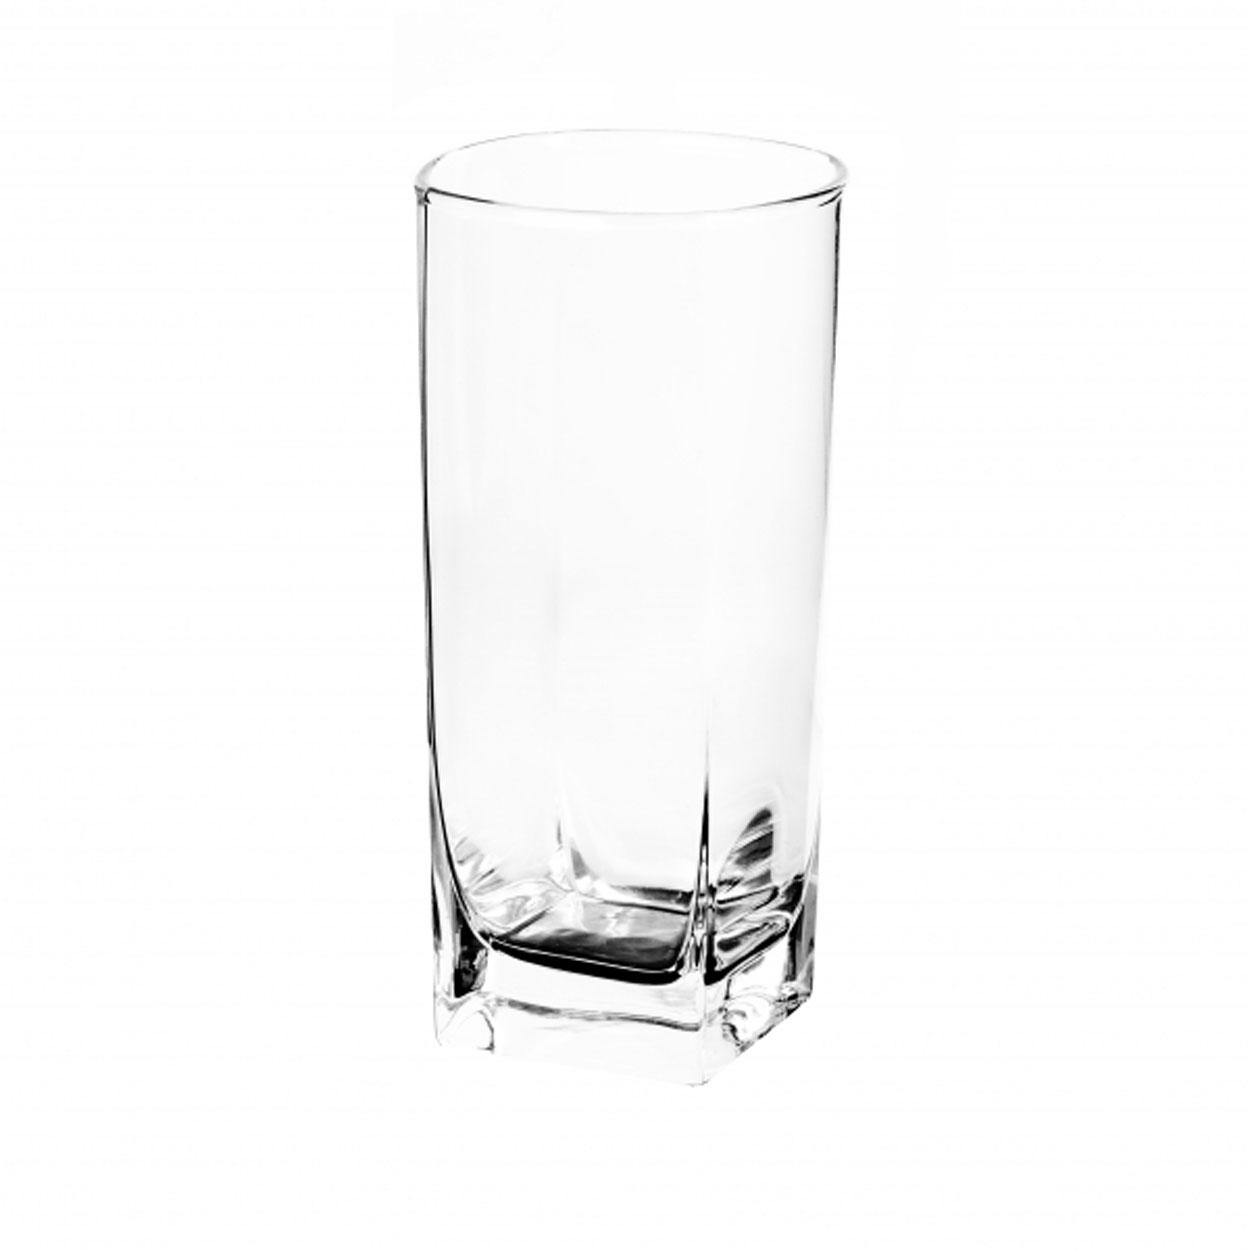 Набор стаканов Luminarc Стерлинг, 330 мл, 6 шт набор высоких стаканов luminarc new america